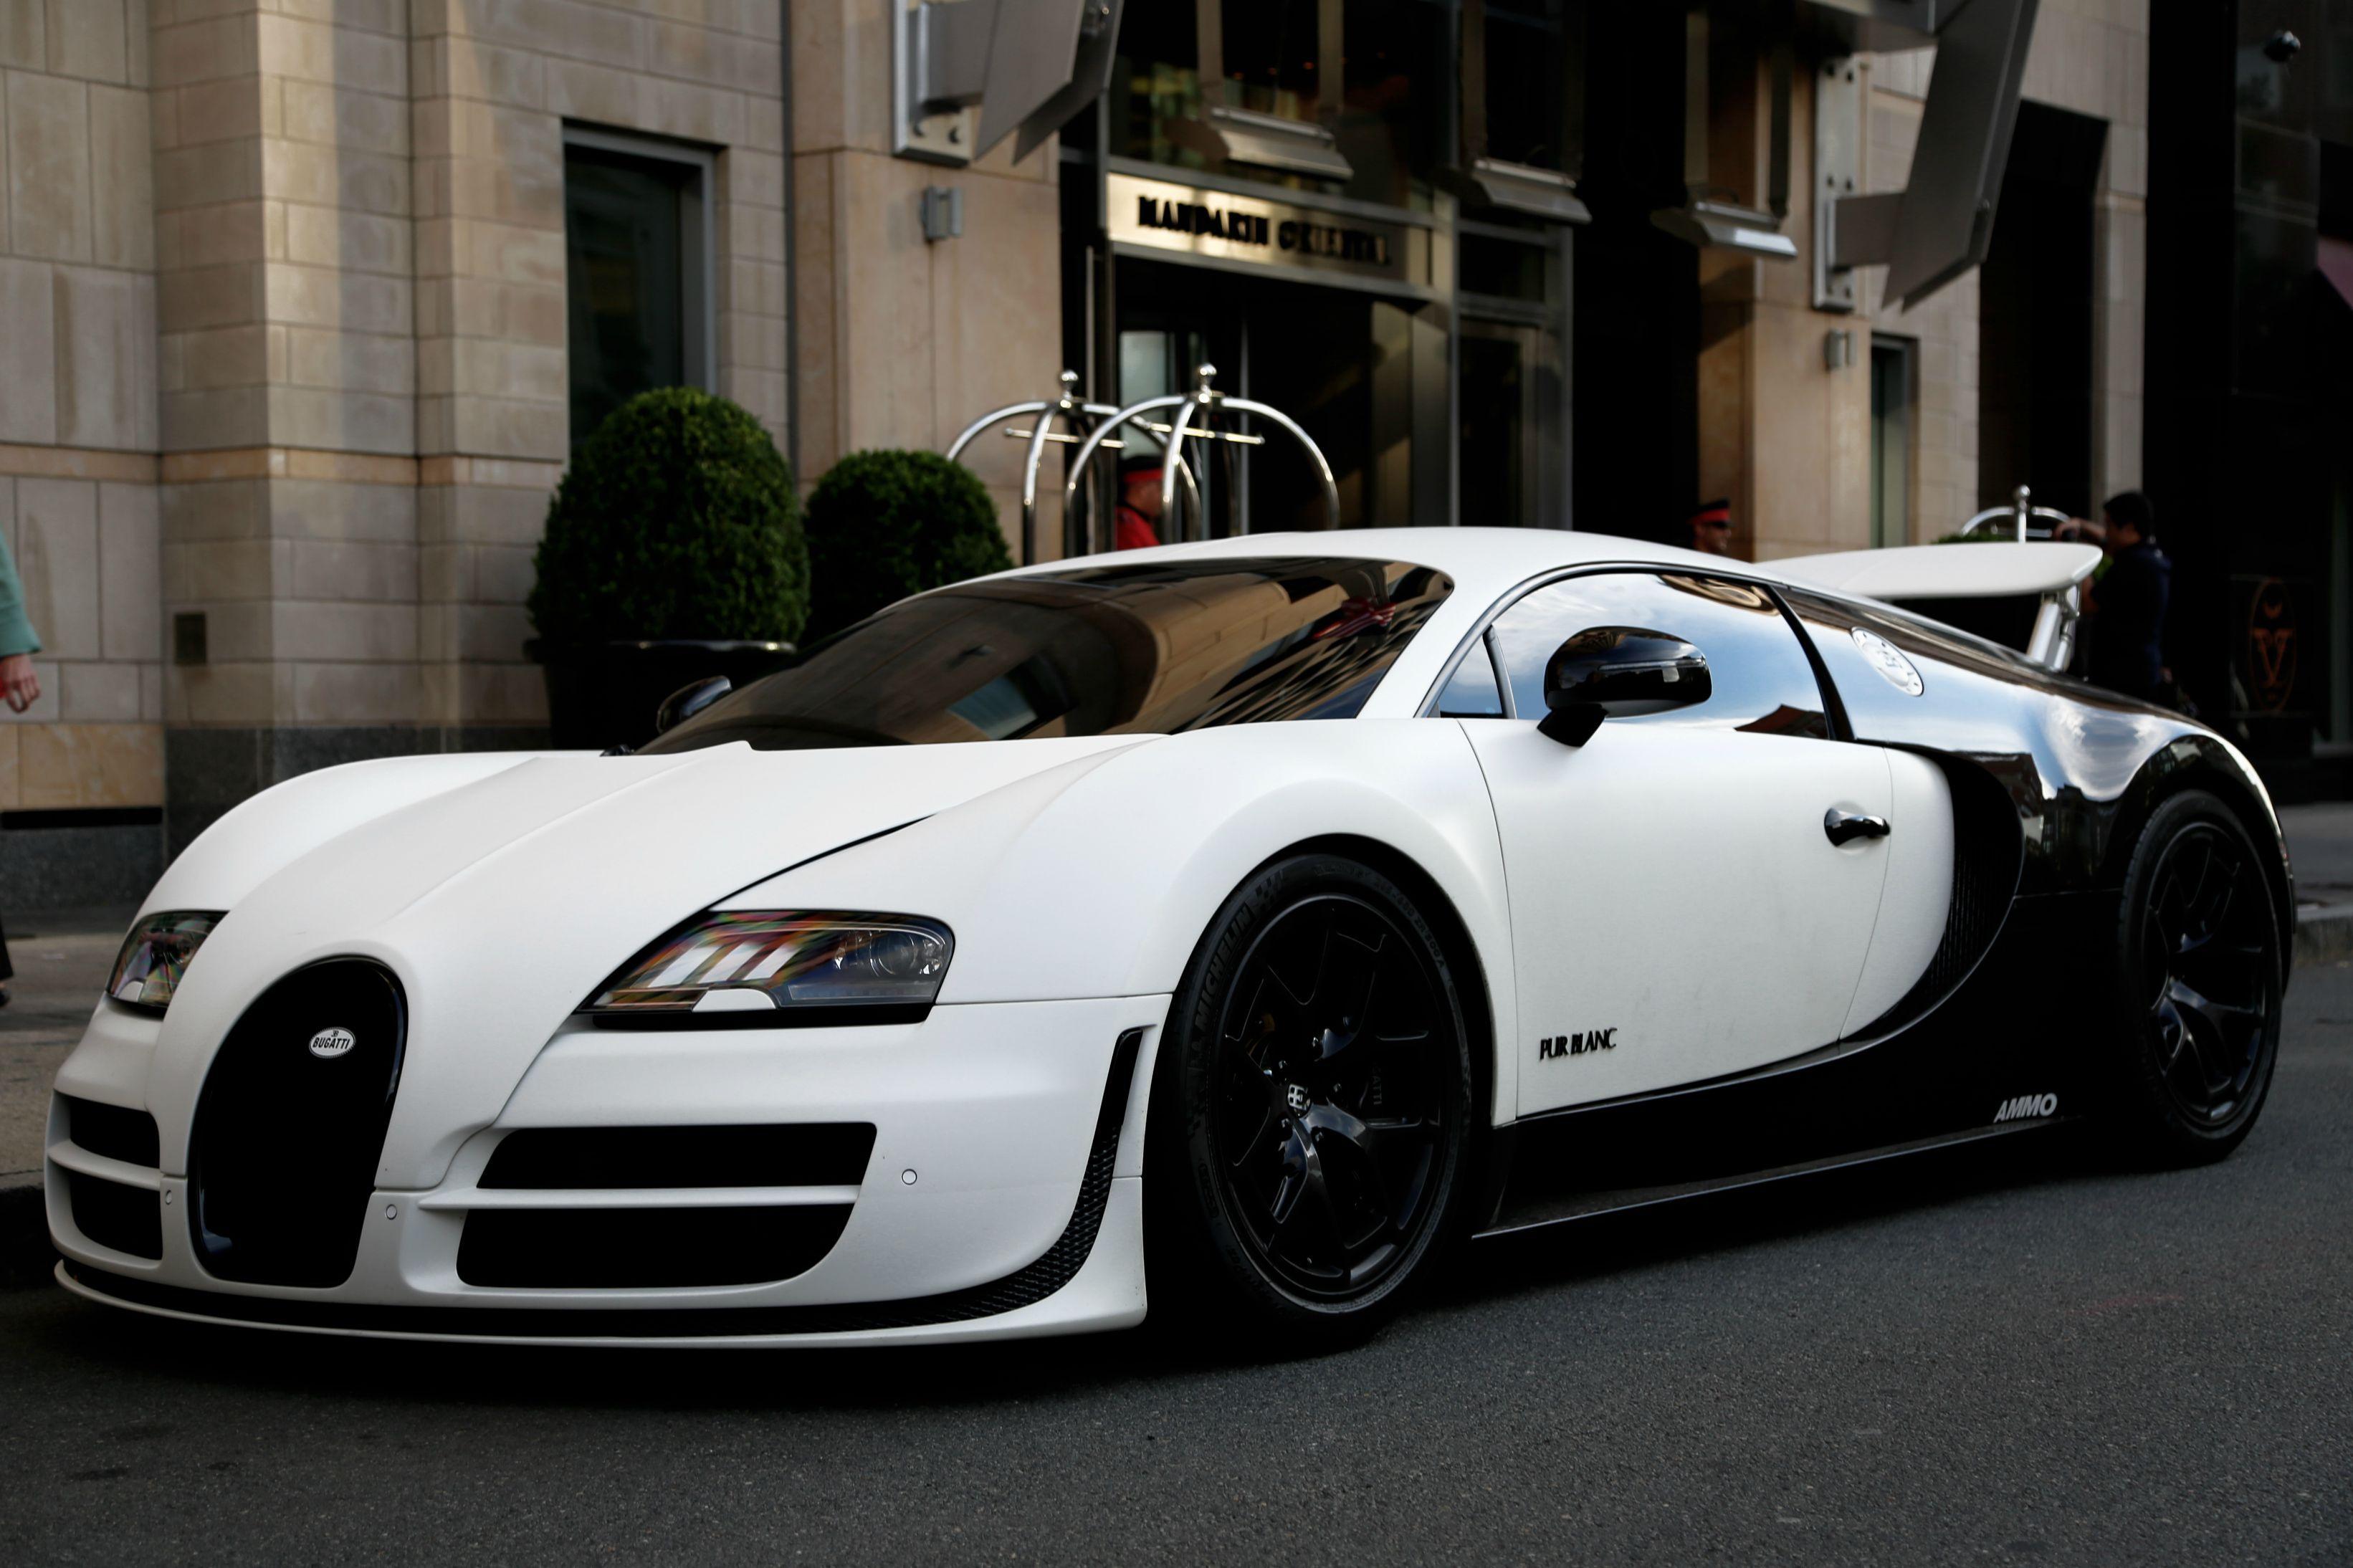 1 1 Bugatti Veyron Super Sport Pur Blance Bugatti Veyron Super Sport Sports Cars Bugatti Veyron Bugatti Cars